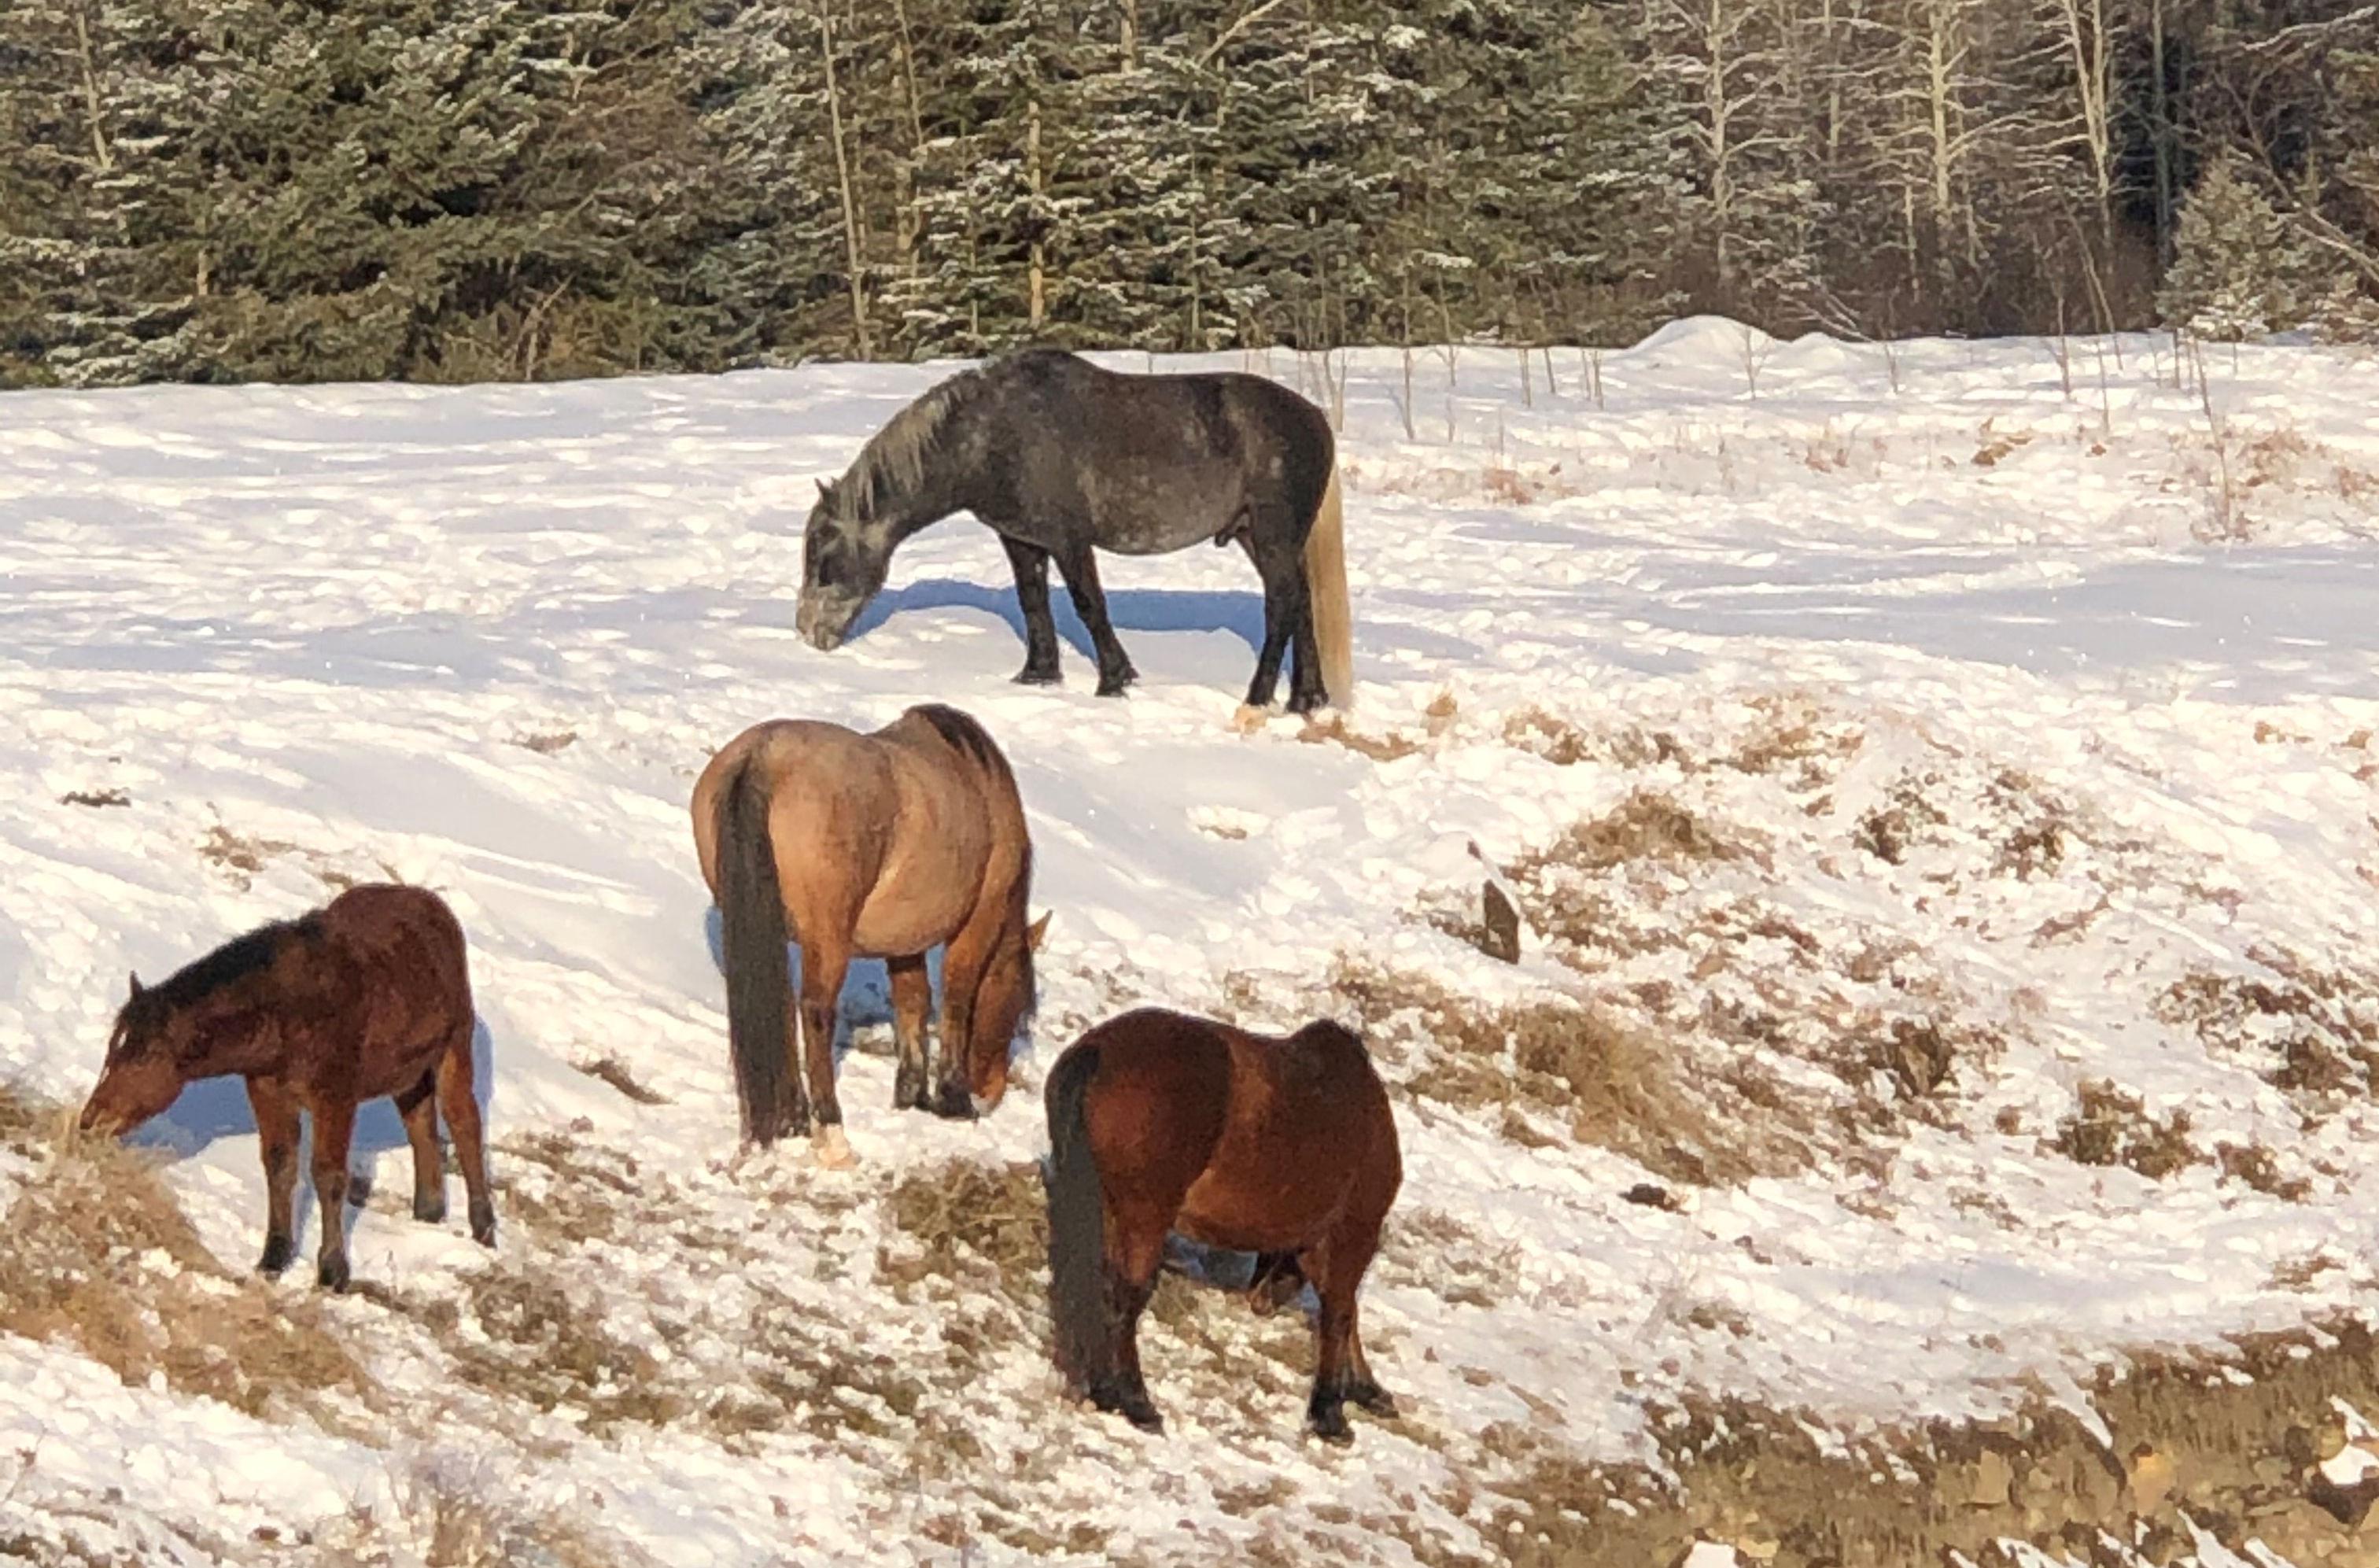 https://0901.nccdn.net/4_2/000/000/023/130/Wild-Horses2-3024x1993.jpg